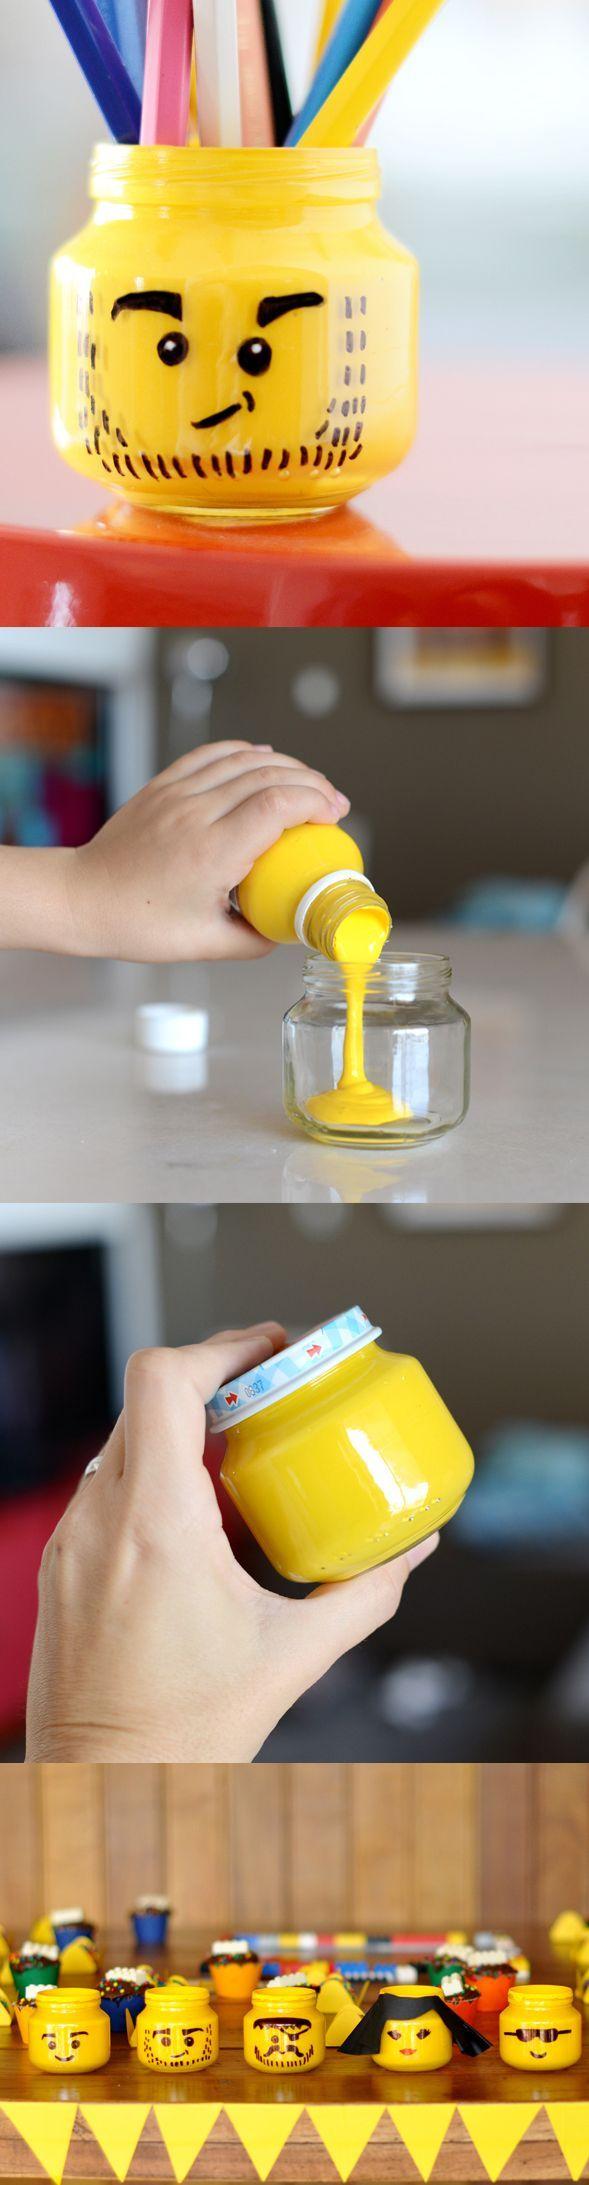 10 junior zelfmaakideetjes om lekker samen met de kids te doen!